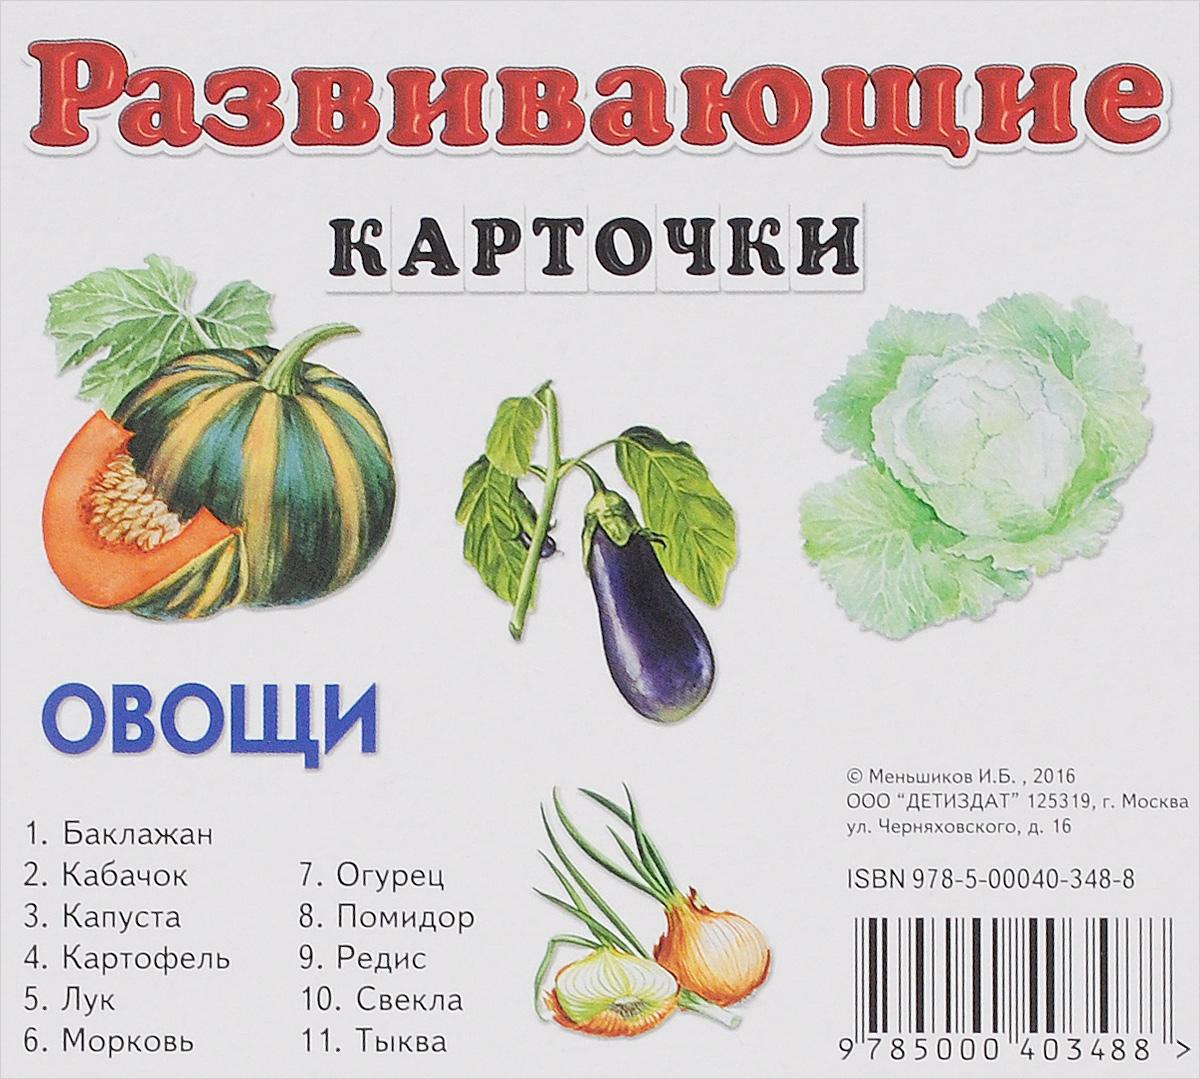 И. Б. Меньшиков Овощи. Развивающие карточки (набор из 11 карточек) егор белько веселые научные опыты дома 25 развивающих карточек